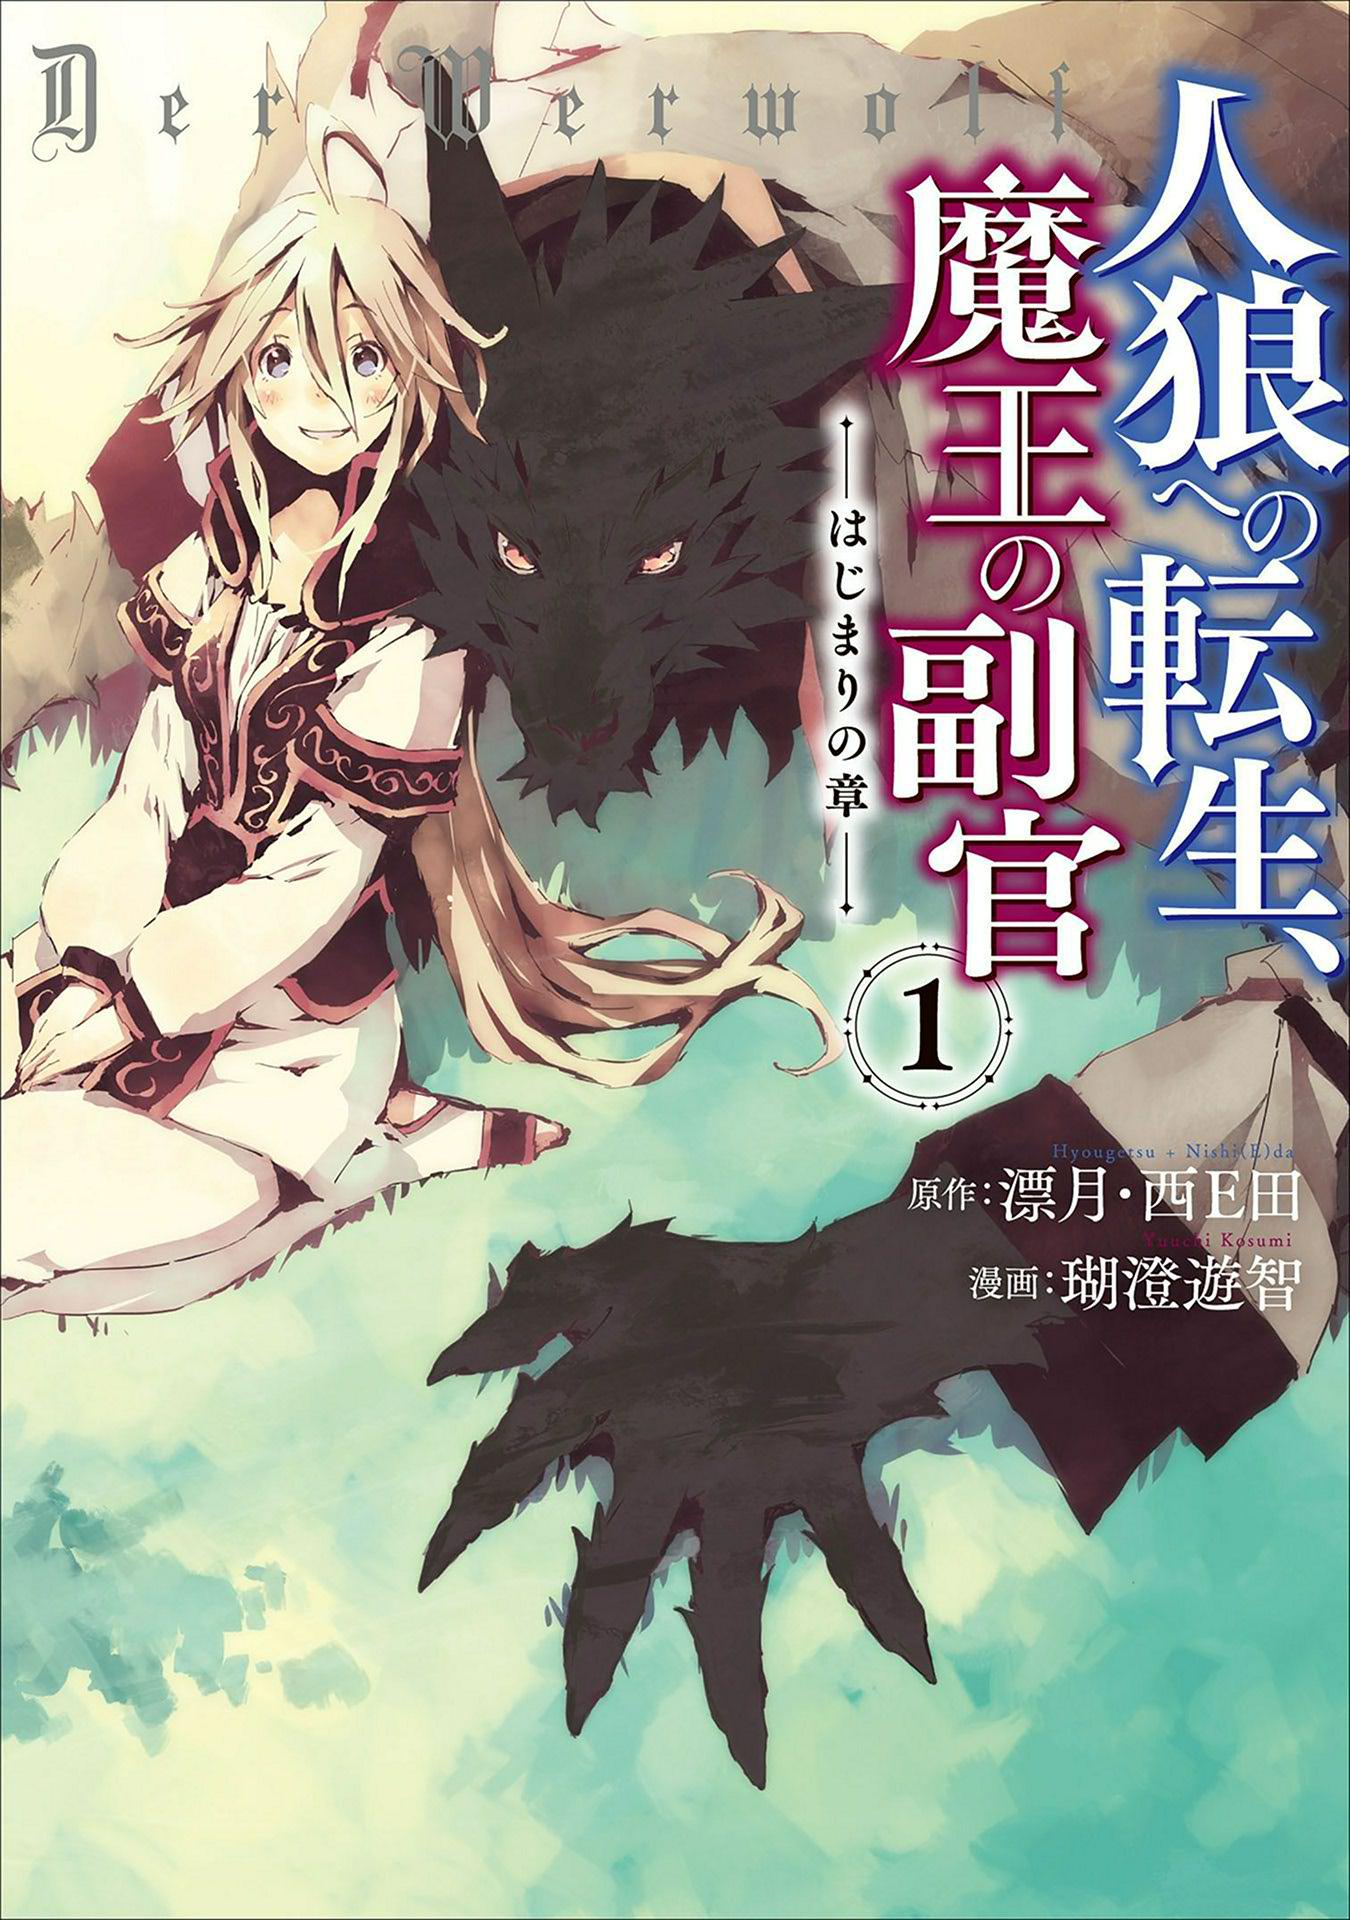 Jinrou e no Tensei, Maou no Fukkan: Hajimari no Shou